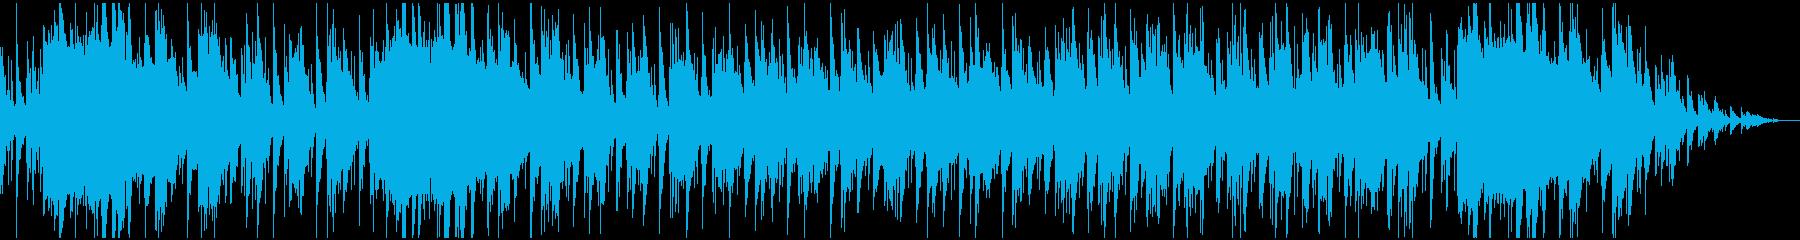 Japanese style Shinobi image BGM's reproduced waveform